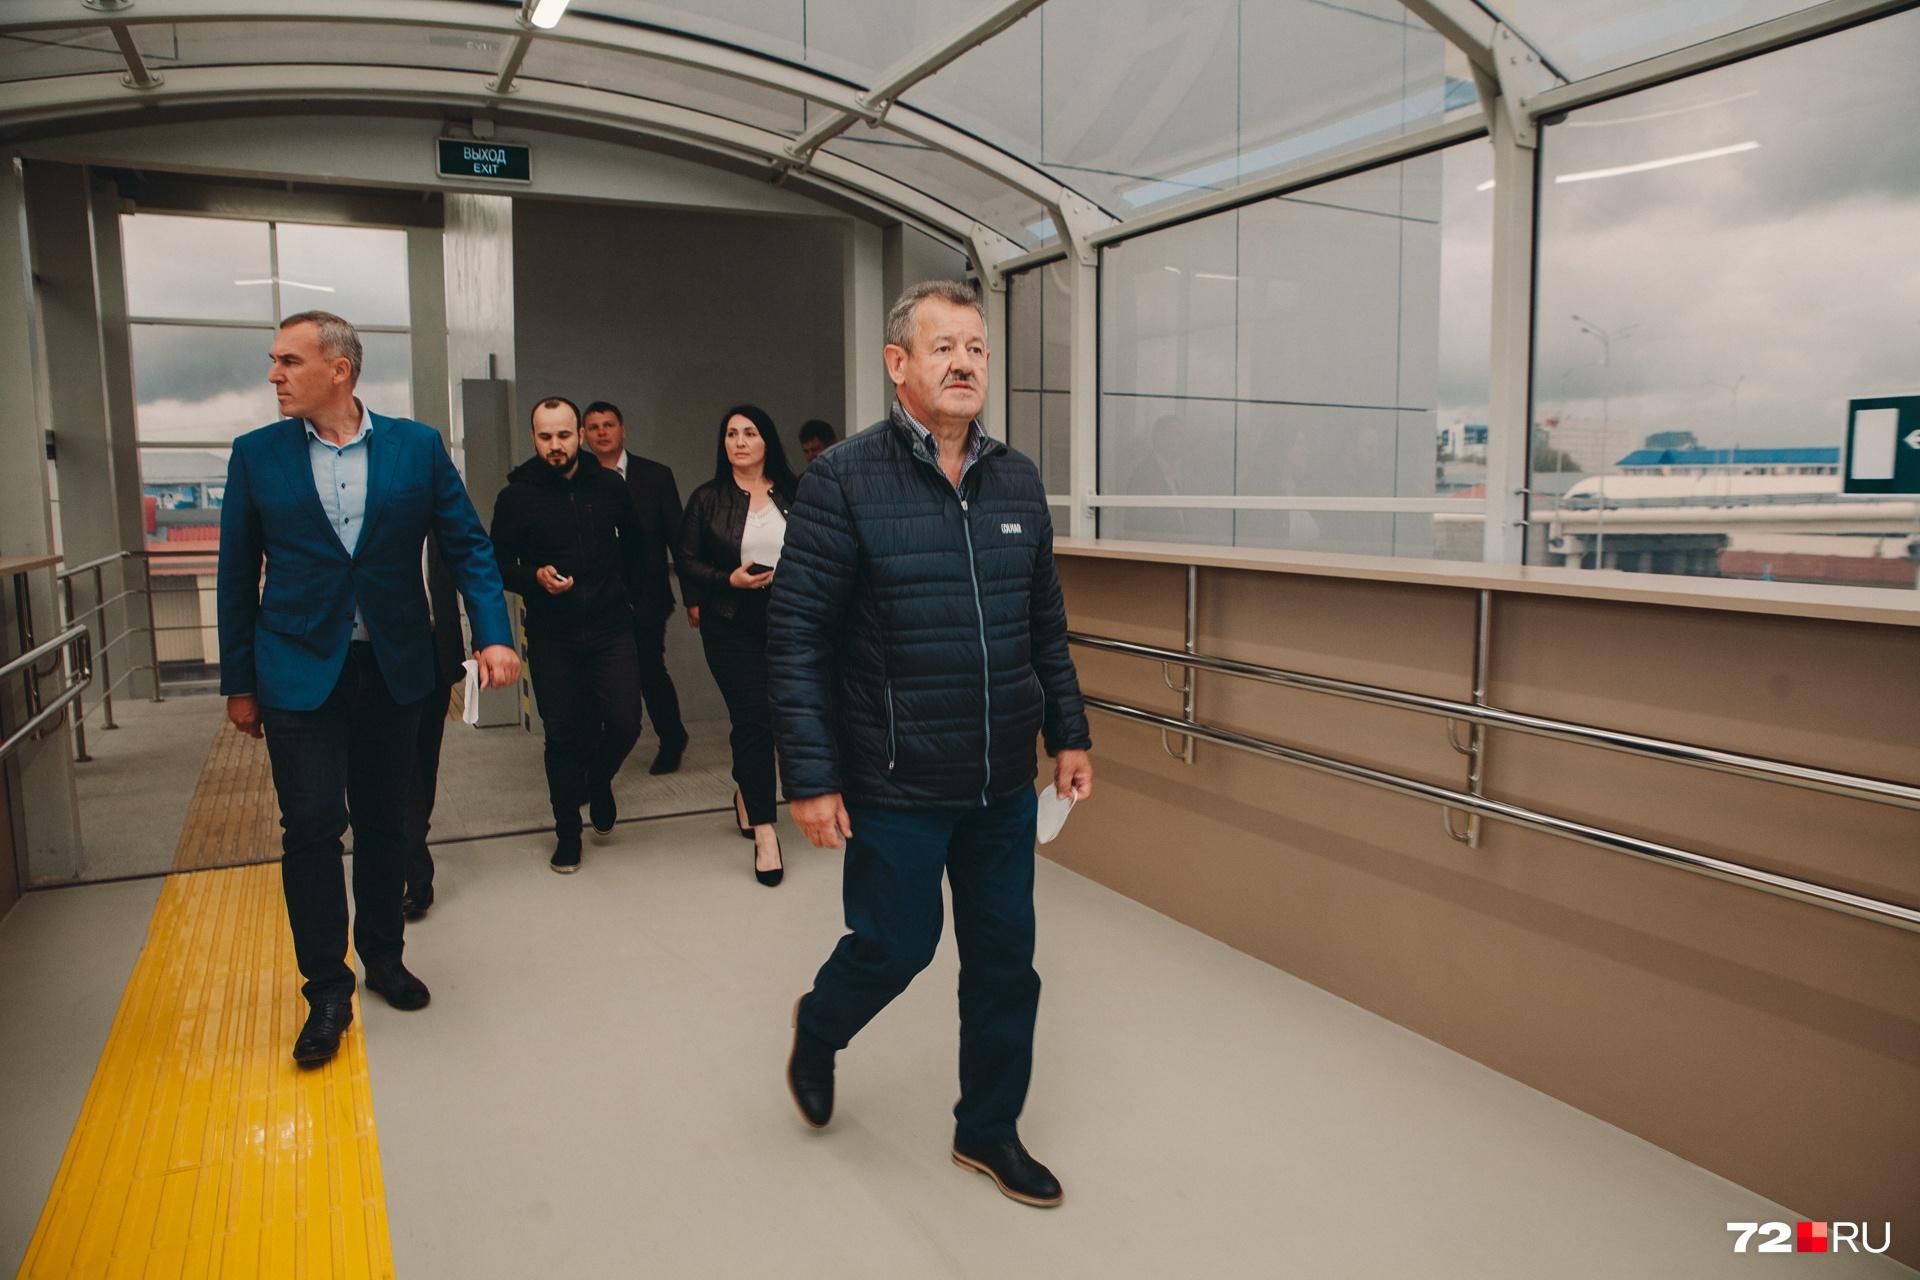 Гендиректор «Мостостроя-11» отправился искать тех, кто отключил лифты